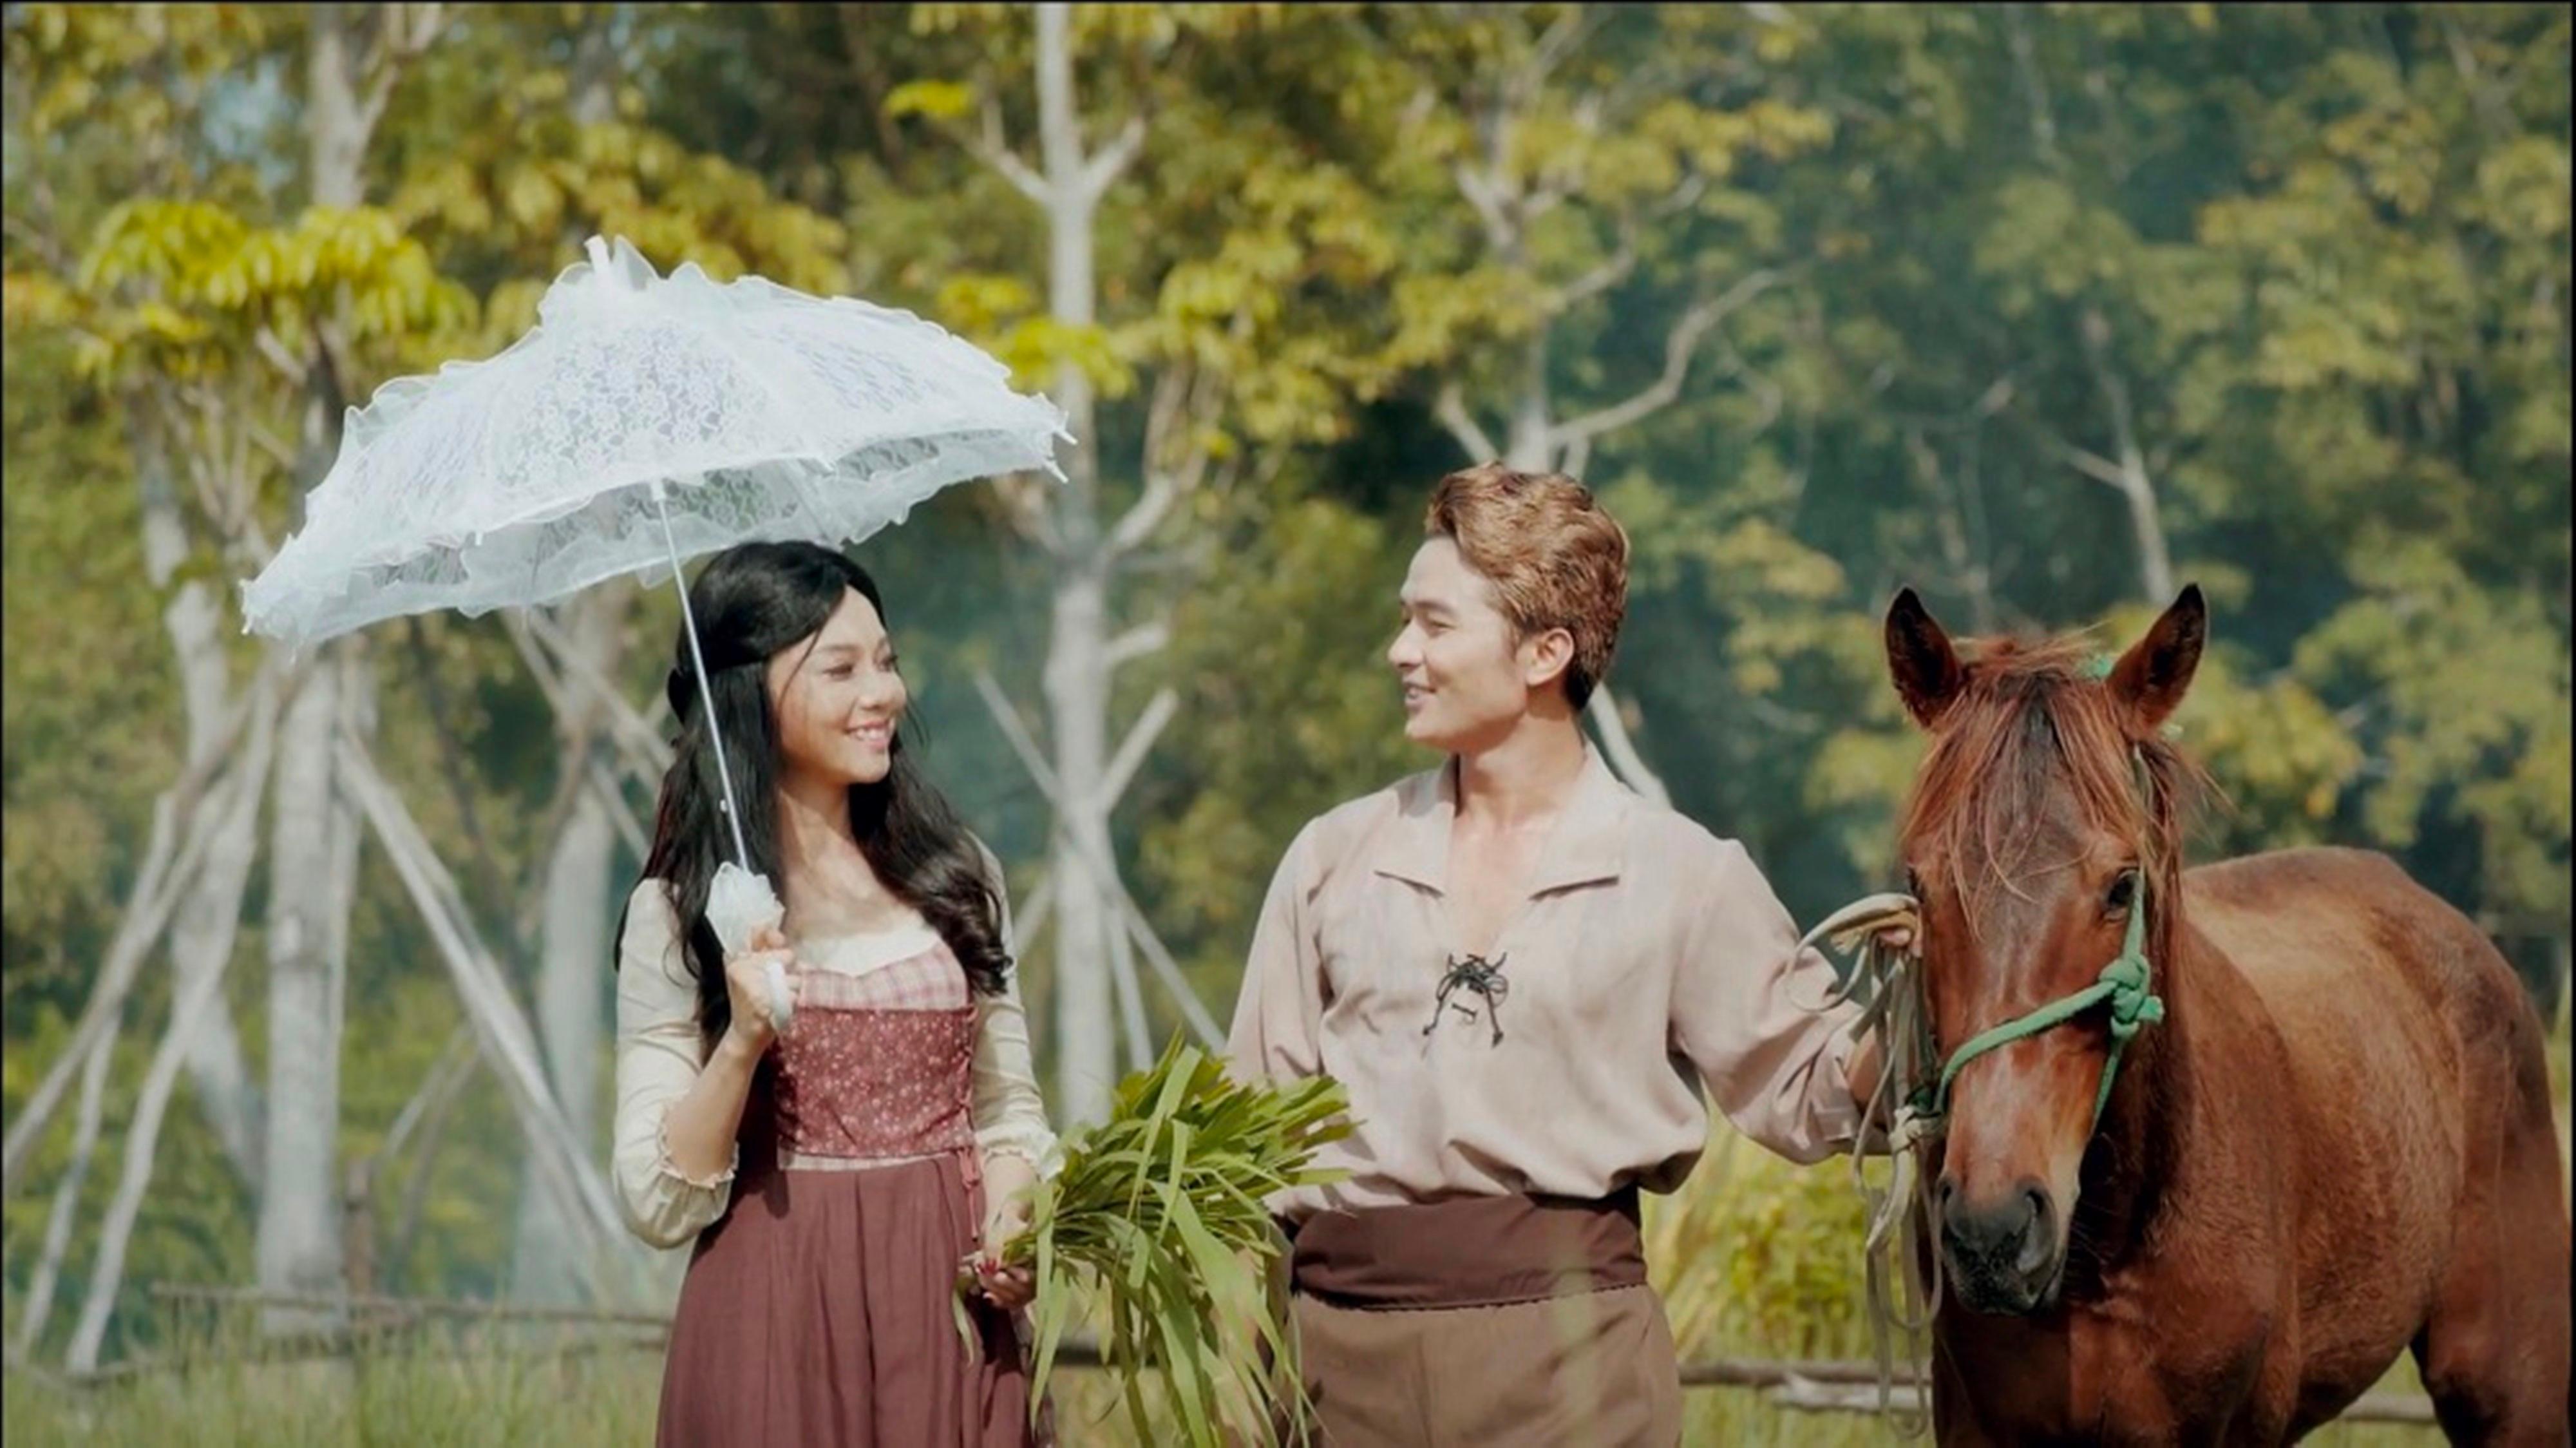 Thái Bảo giành cú đúp giải nhất tuần chương trình 'Hãy nghe tôi hát' Ảnh 1